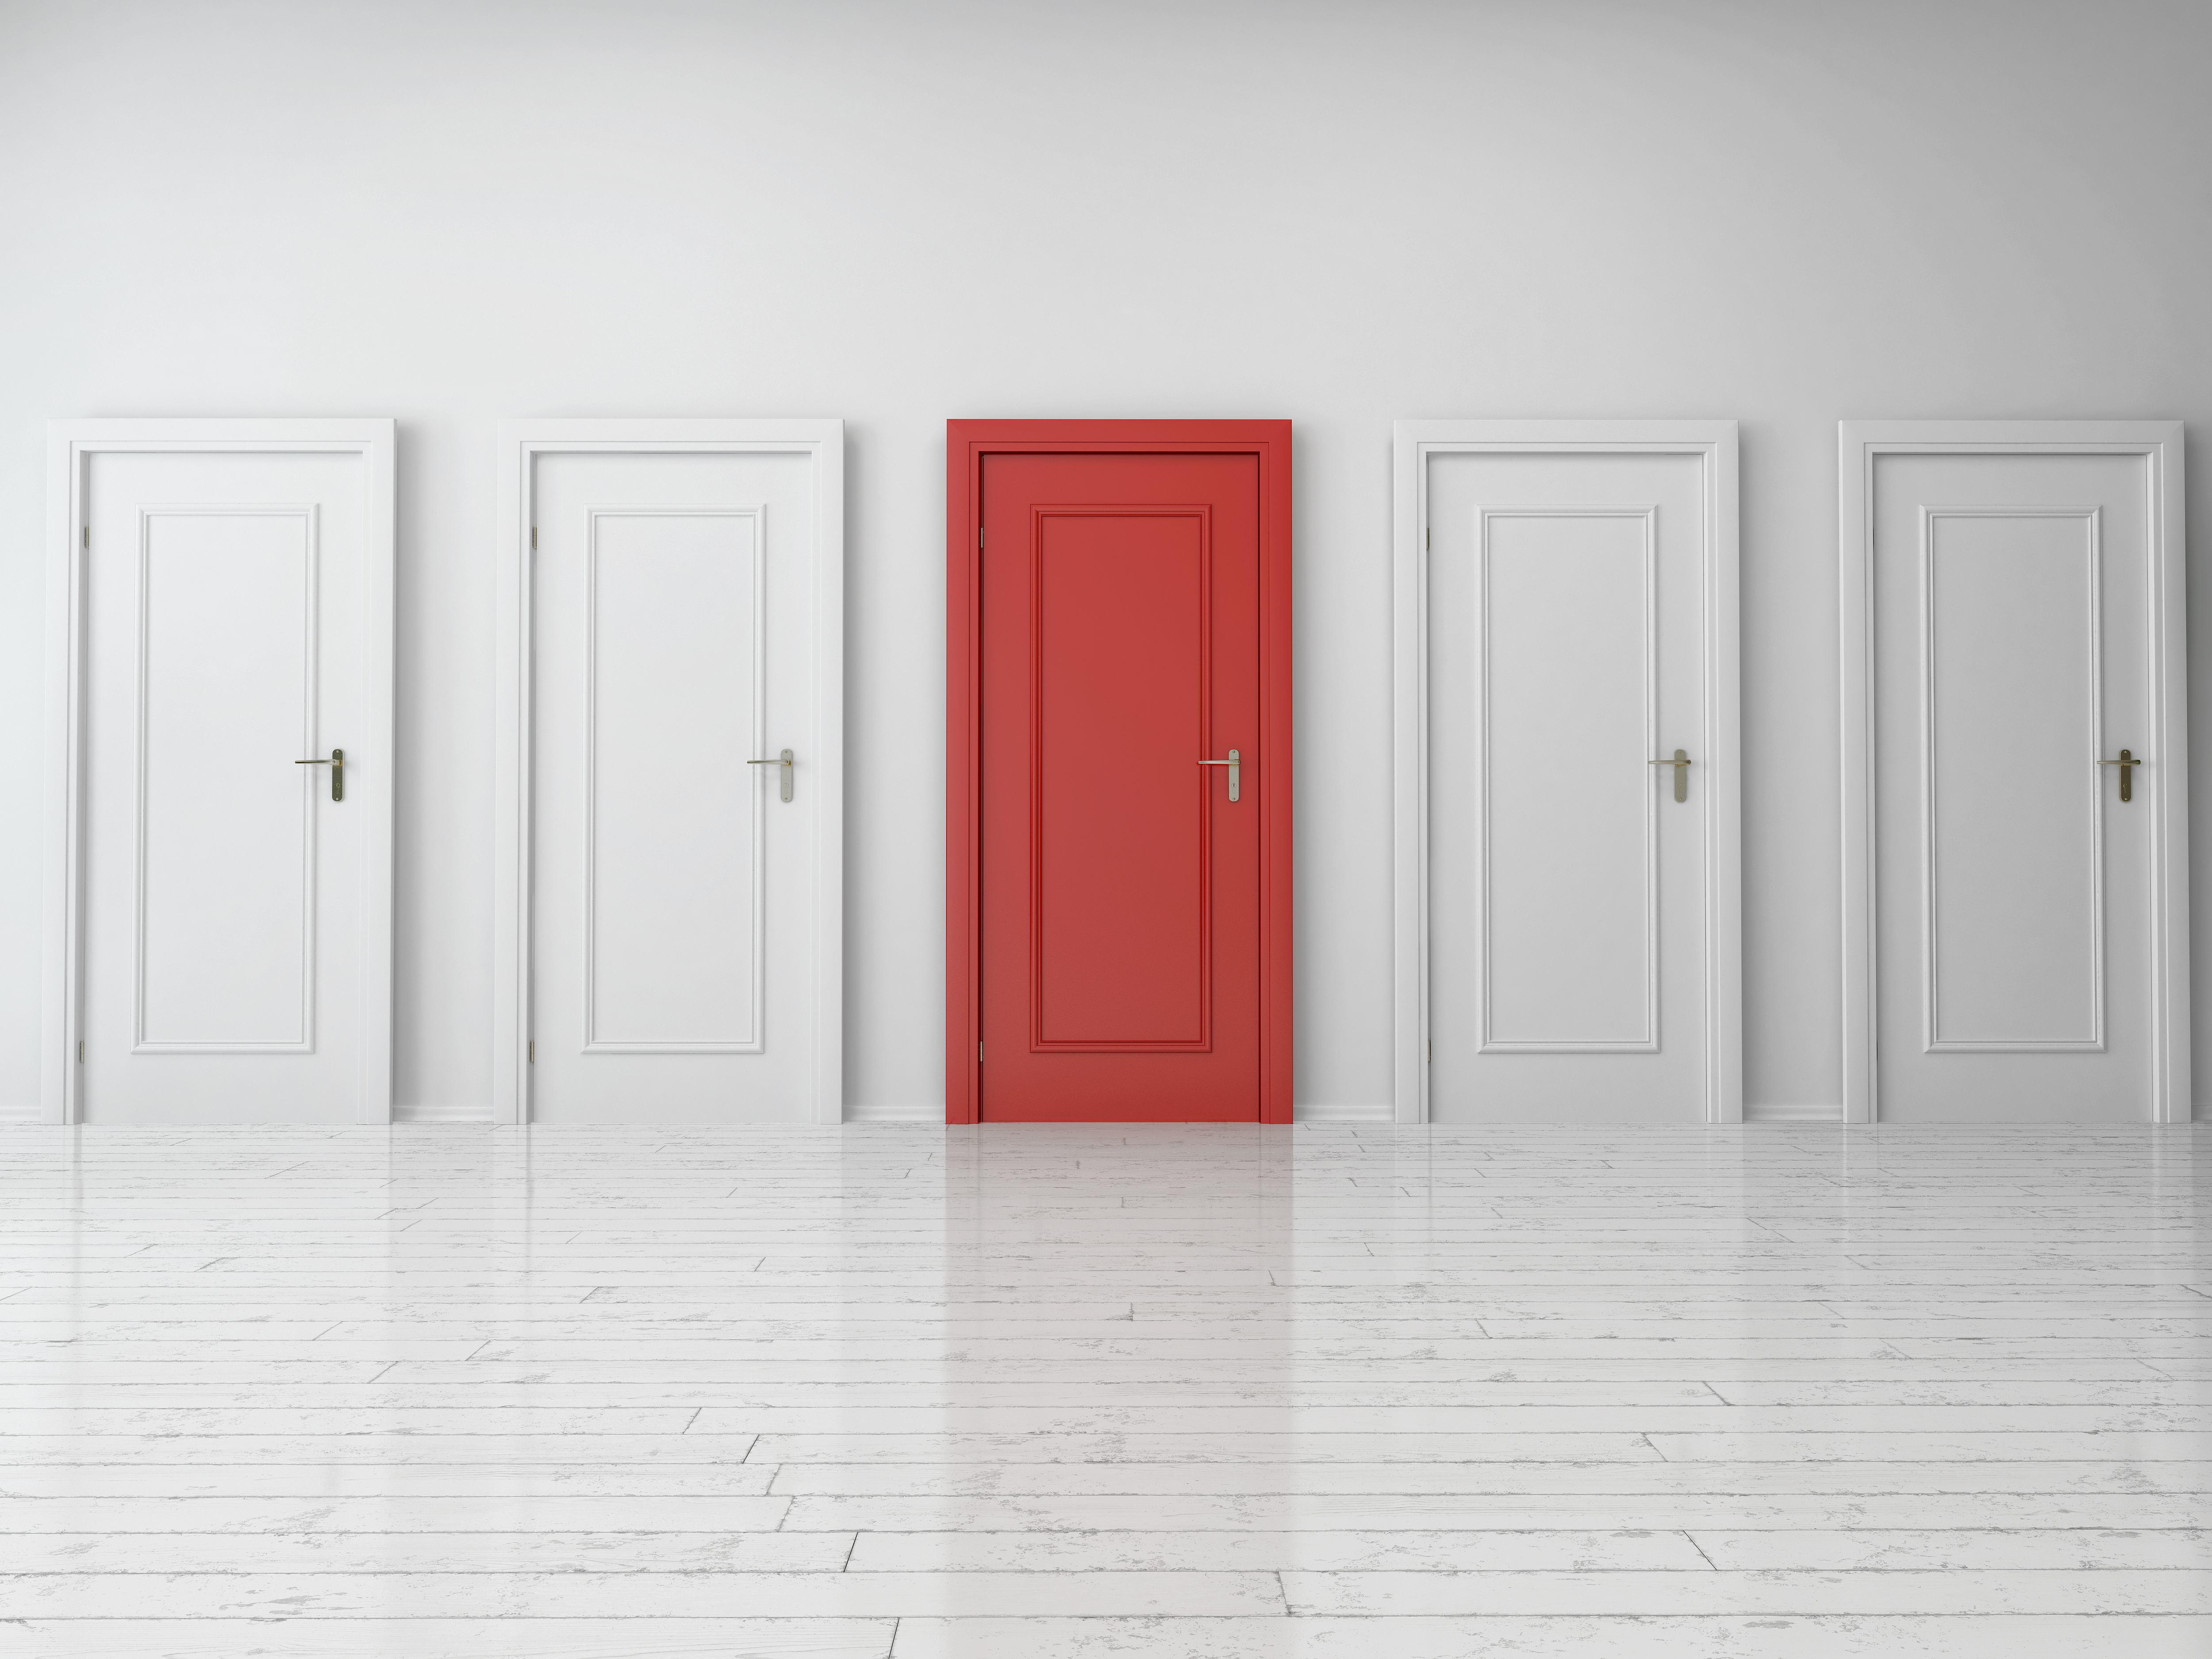 Career doors